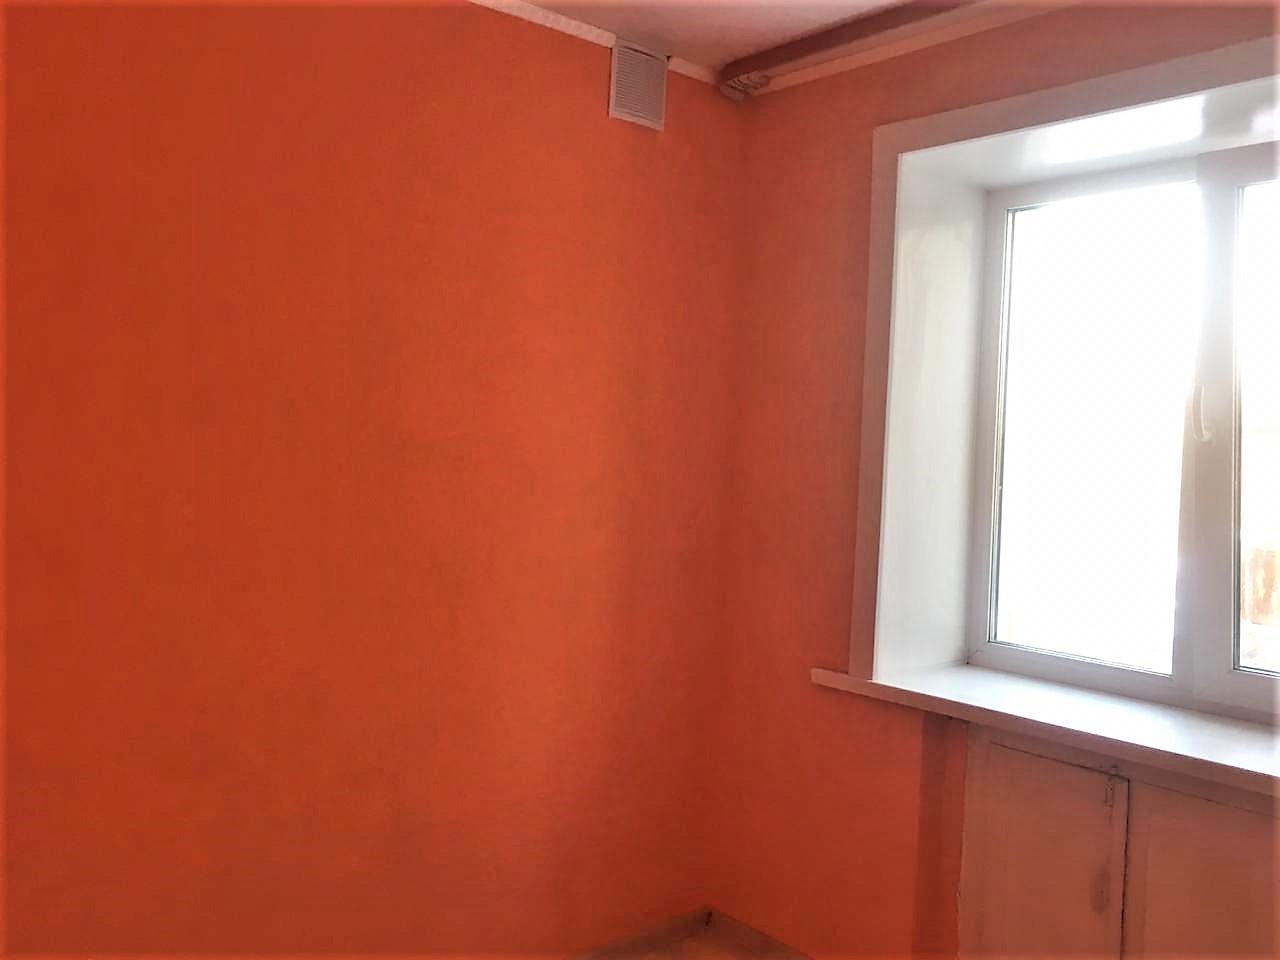 Квартира на продажу по адресу Россия, Алтайский край, р-н. Бийский, с. Верх-Катунское, ул. Мира, 2